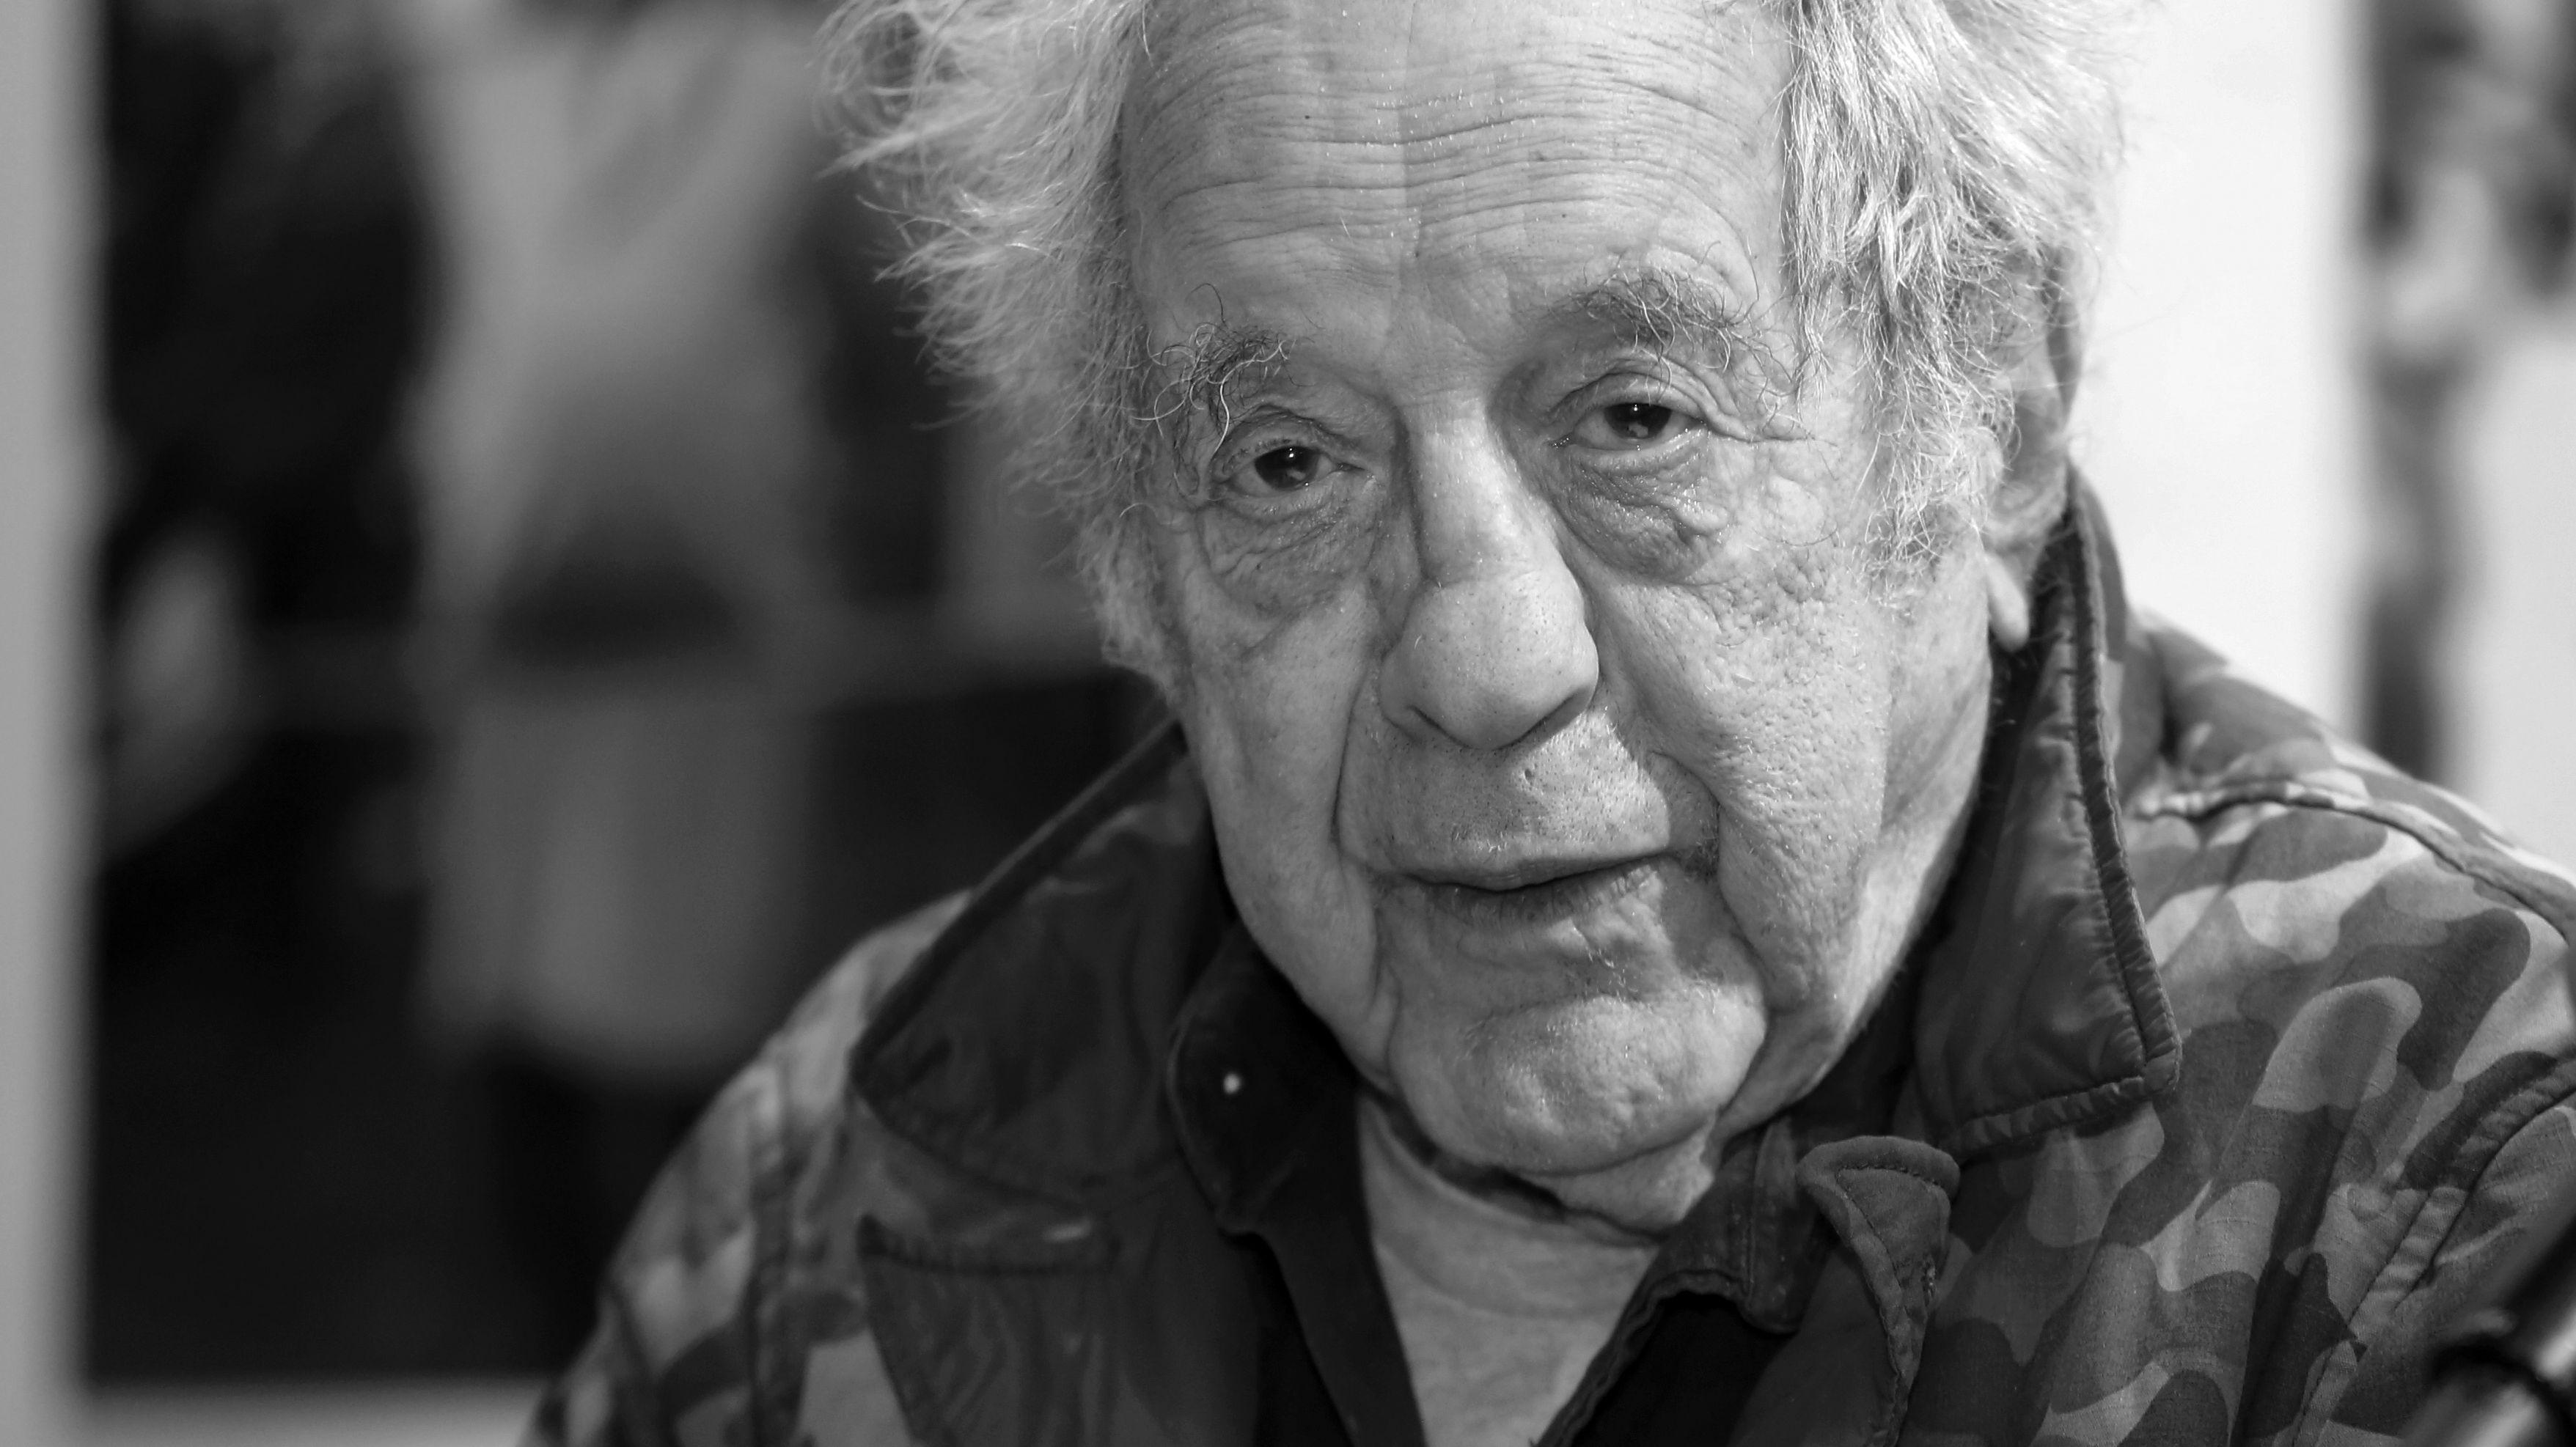 Schwarz-weiß Porträt des Fotografen und Filmemachers Robert Frank